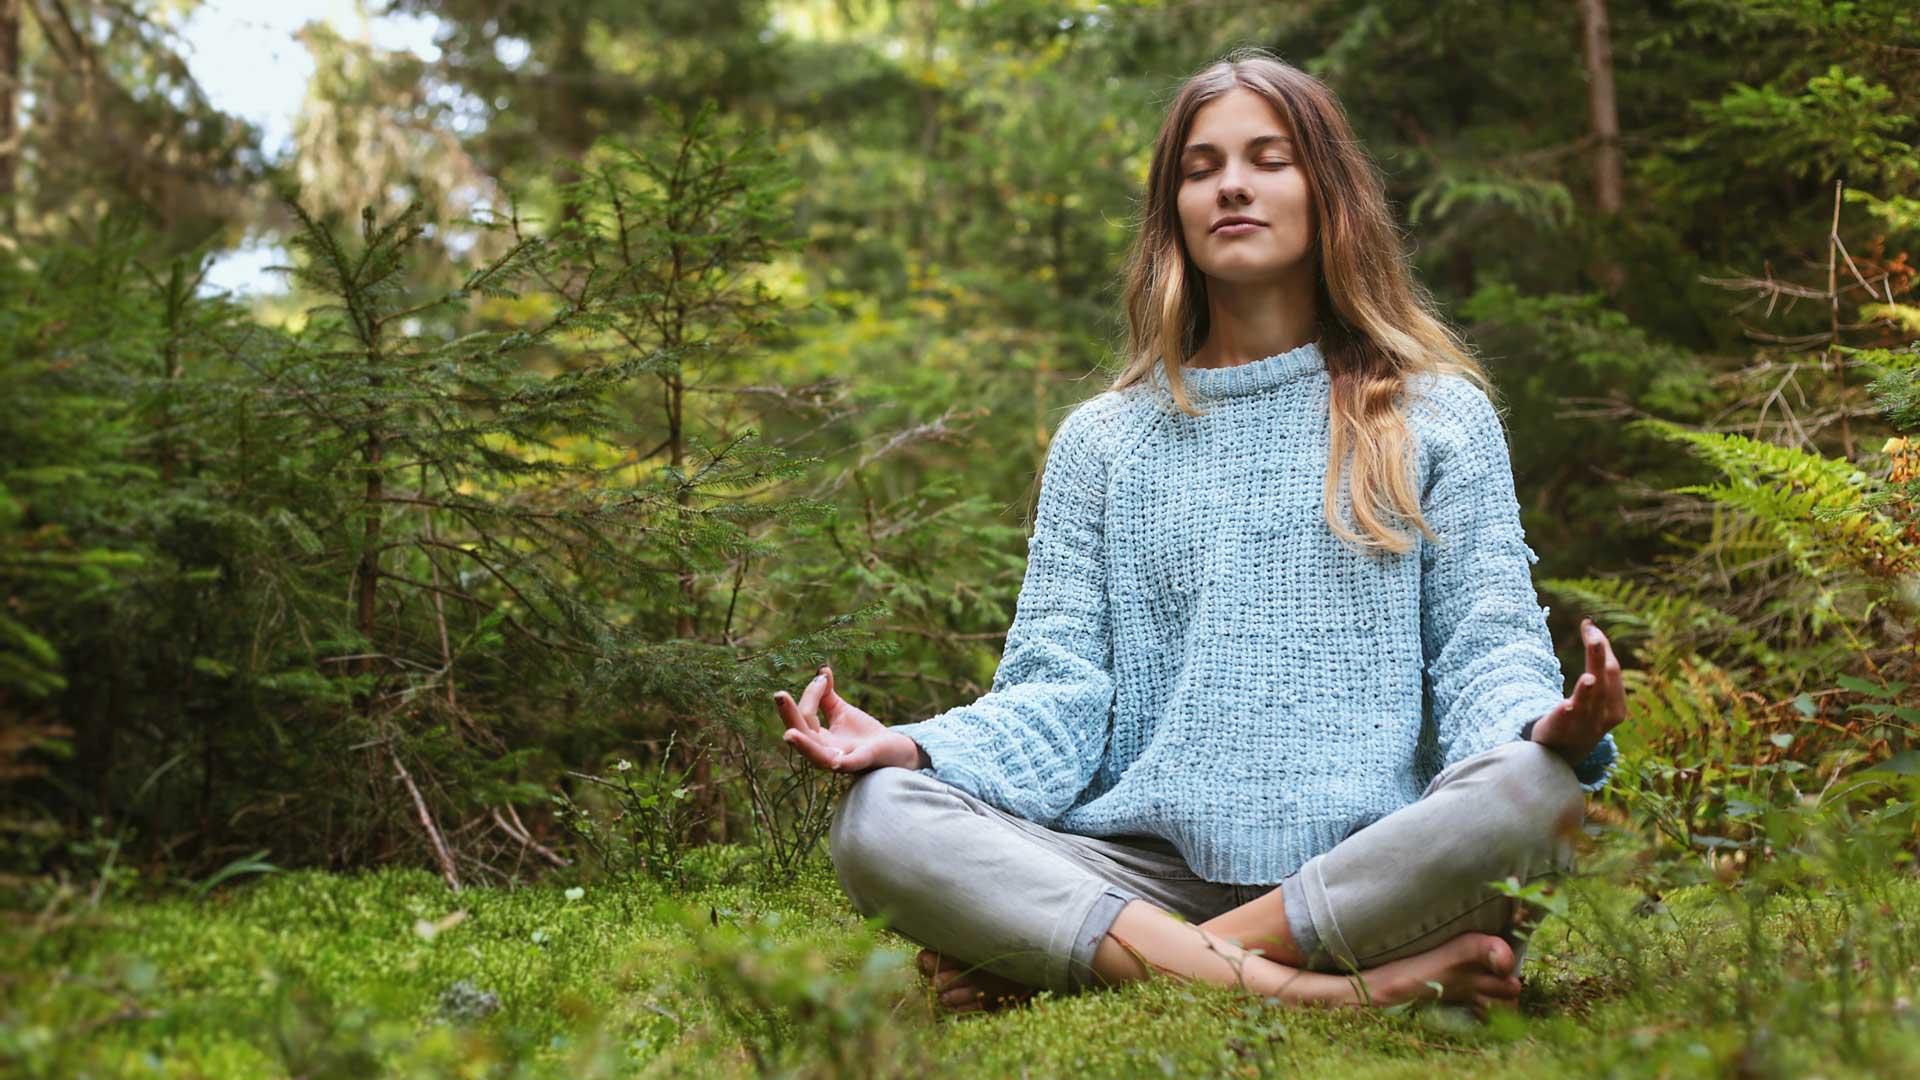 Weltwald Frau bei Meditation im Wald